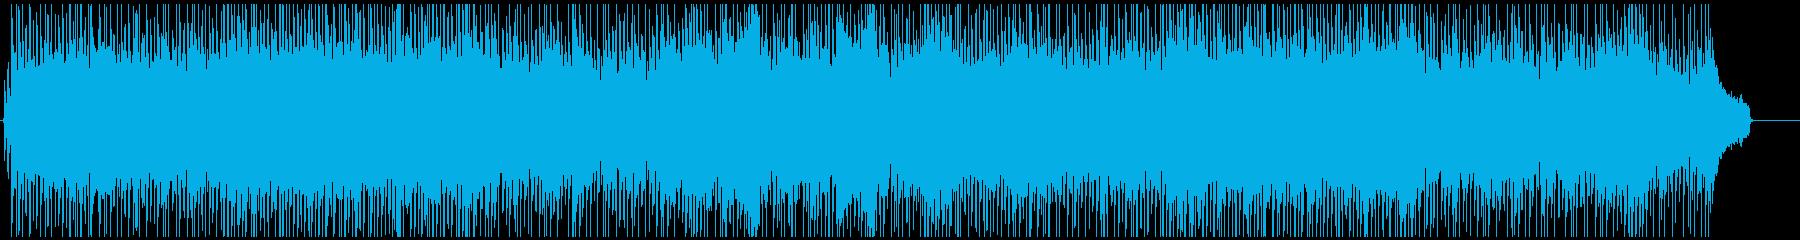 使いやすい!ポップな和風BGM 5 の再生済みの波形